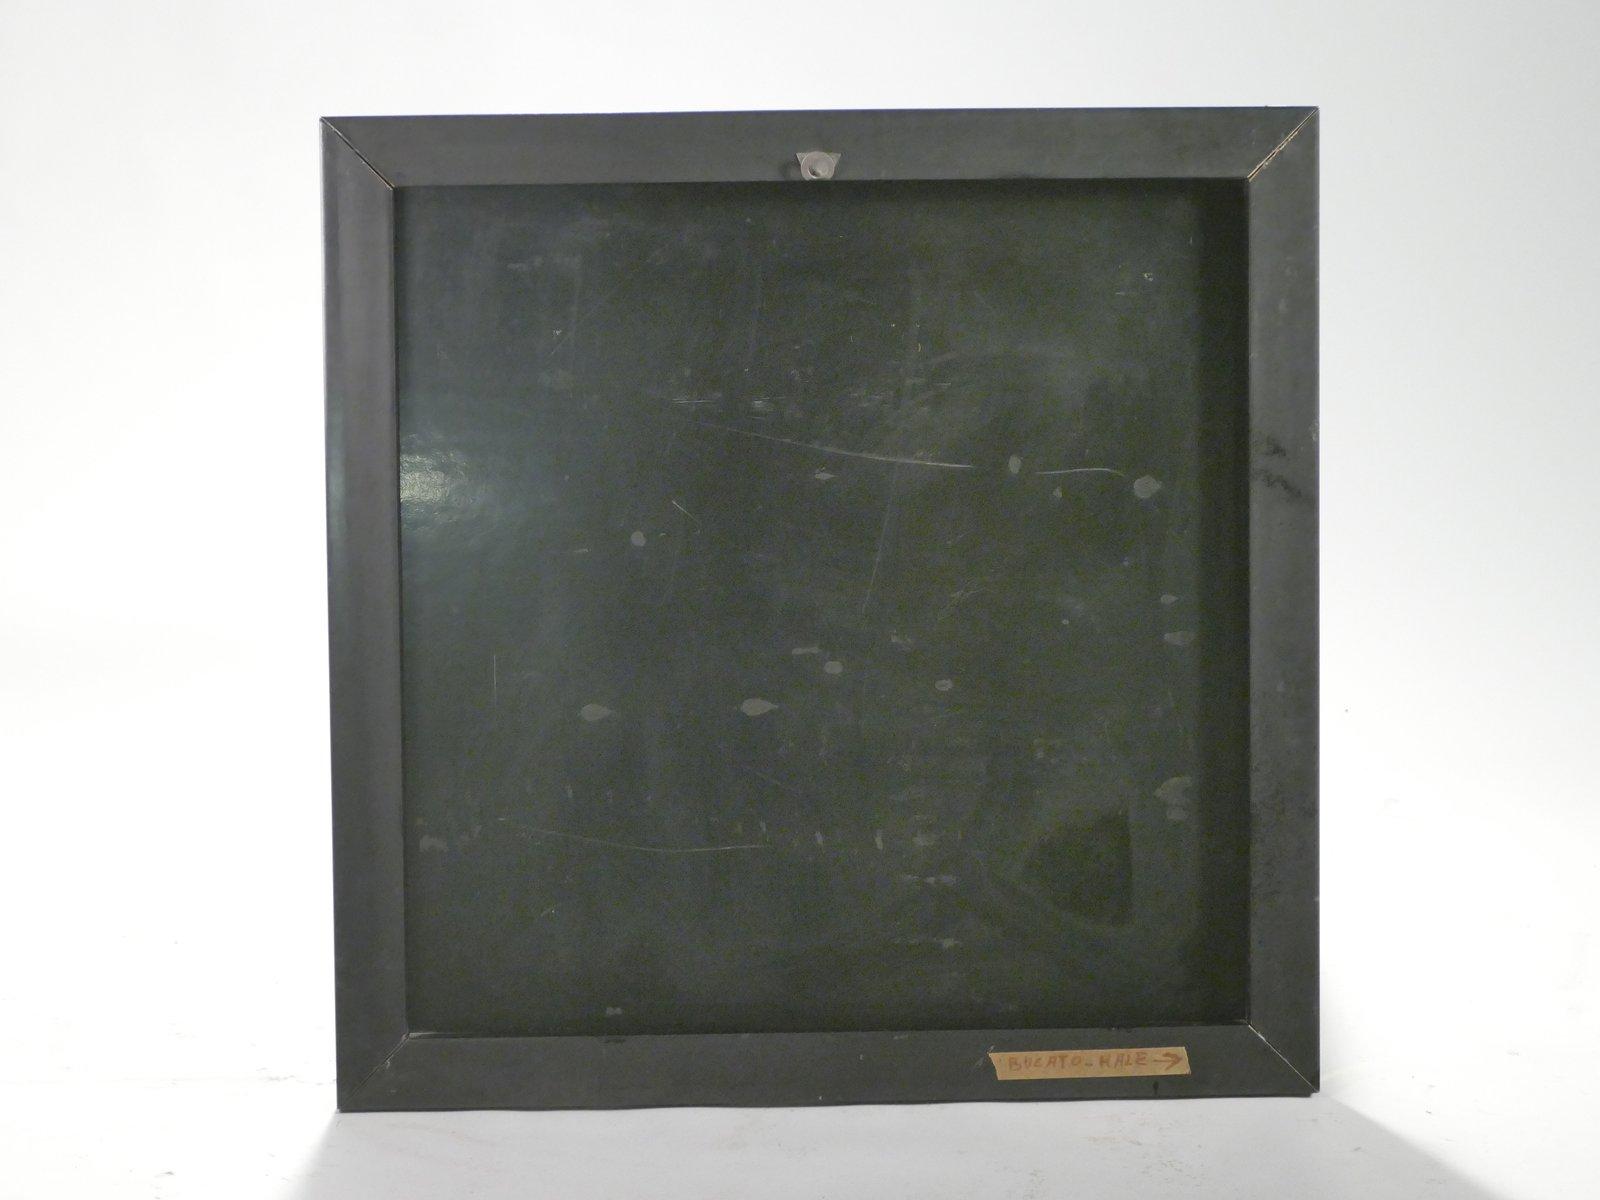 spiegel mit rahmen aus lackiertem messing 1975 bei pamono. Black Bedroom Furniture Sets. Home Design Ideas